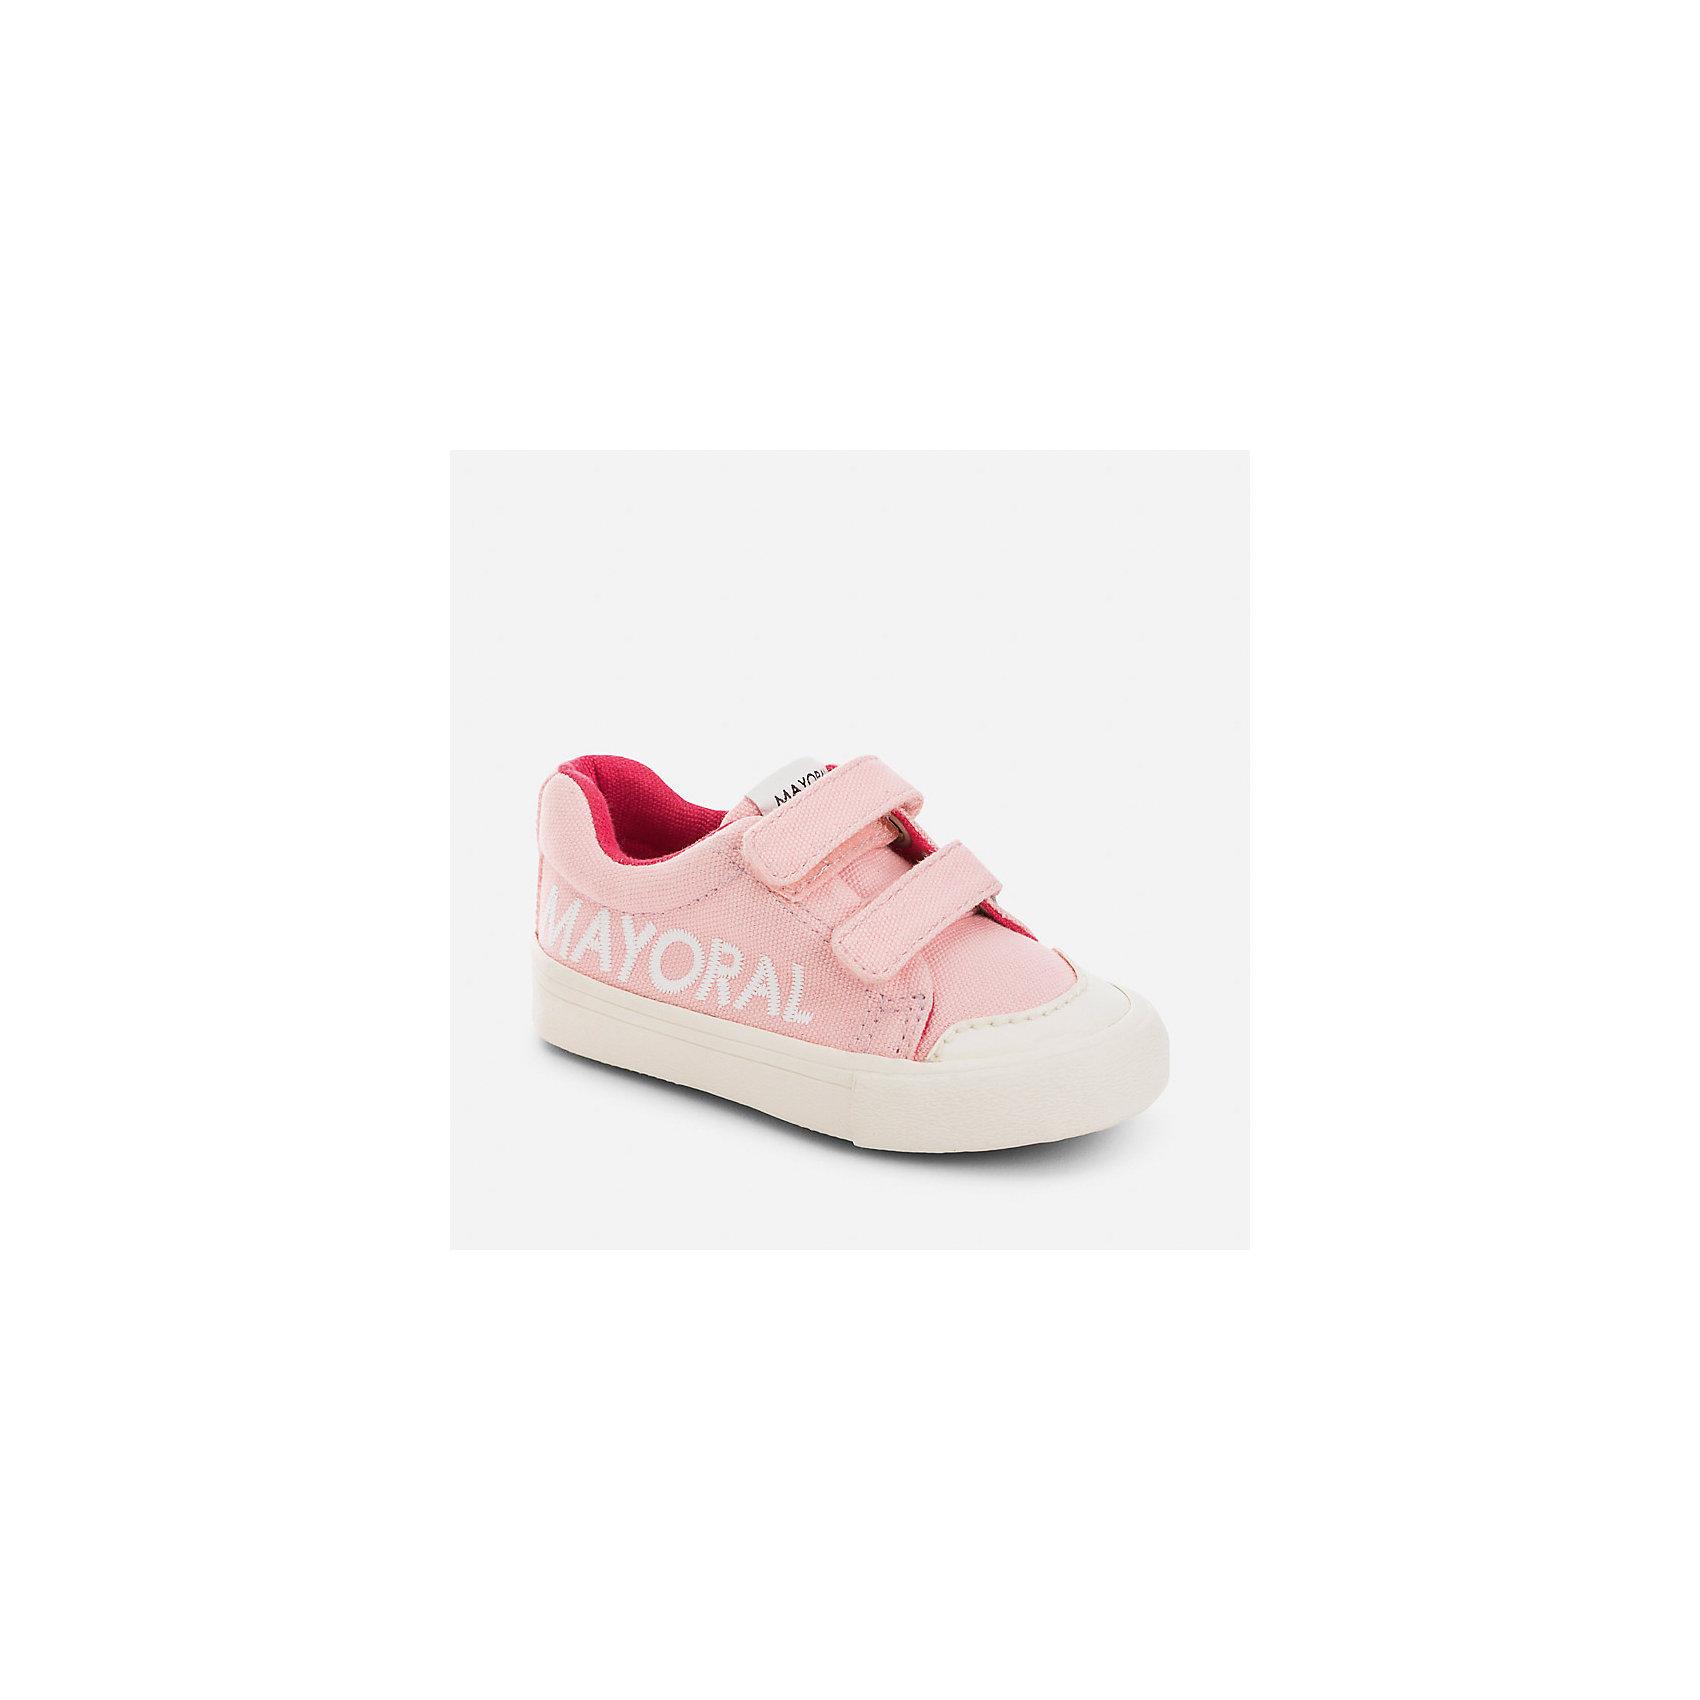 Кеды для девочки MayoralХарактеристики товара:<br><br>• цвет: розовый<br>• состав: верх, подкладка и стелька - хлопок, подошва - резина<br>• застежка: липучки<br>• украшены вышивкой<br>• устойчивая подошва<br>• яркая подкладка<br>• коллекция: весна-лето 2017<br>• страна бренда: Испания<br><br>Стильные кеды для девочки помогут обеспечить ребенку комфорт и дополнить наряд. Универсальный цвет позволяет надевать их под наряд разных расцветок. Кеды удобно сидят на ноге и красиво смотрятся. Они станут оригинальным акцентом в наряде!<br><br>Одежда, обувь и аксессуары от испанского бренда Mayoral полюбились детям и взрослым по всему миру. Модели этой марки - стильные и удобные. Для их производства используются только безопасные, качественные материалы и фурнитура. Порадуйте ребенка модными и красивыми вещами от Mayoral! <br><br>Кеды для девочки от испанского бренда Mayoral (Майорал) можно купить в нашем интернет-магазине.<br><br>Ширина мм: 250<br>Глубина мм: 150<br>Высота мм: 150<br>Вес г: 250<br>Цвет: розовый<br>Возраст от месяцев: 72<br>Возраст до месяцев: 84<br>Пол: Женский<br>Возраст: Детский<br>Размер: 30,26,27,28,29<br>SKU: 5293888